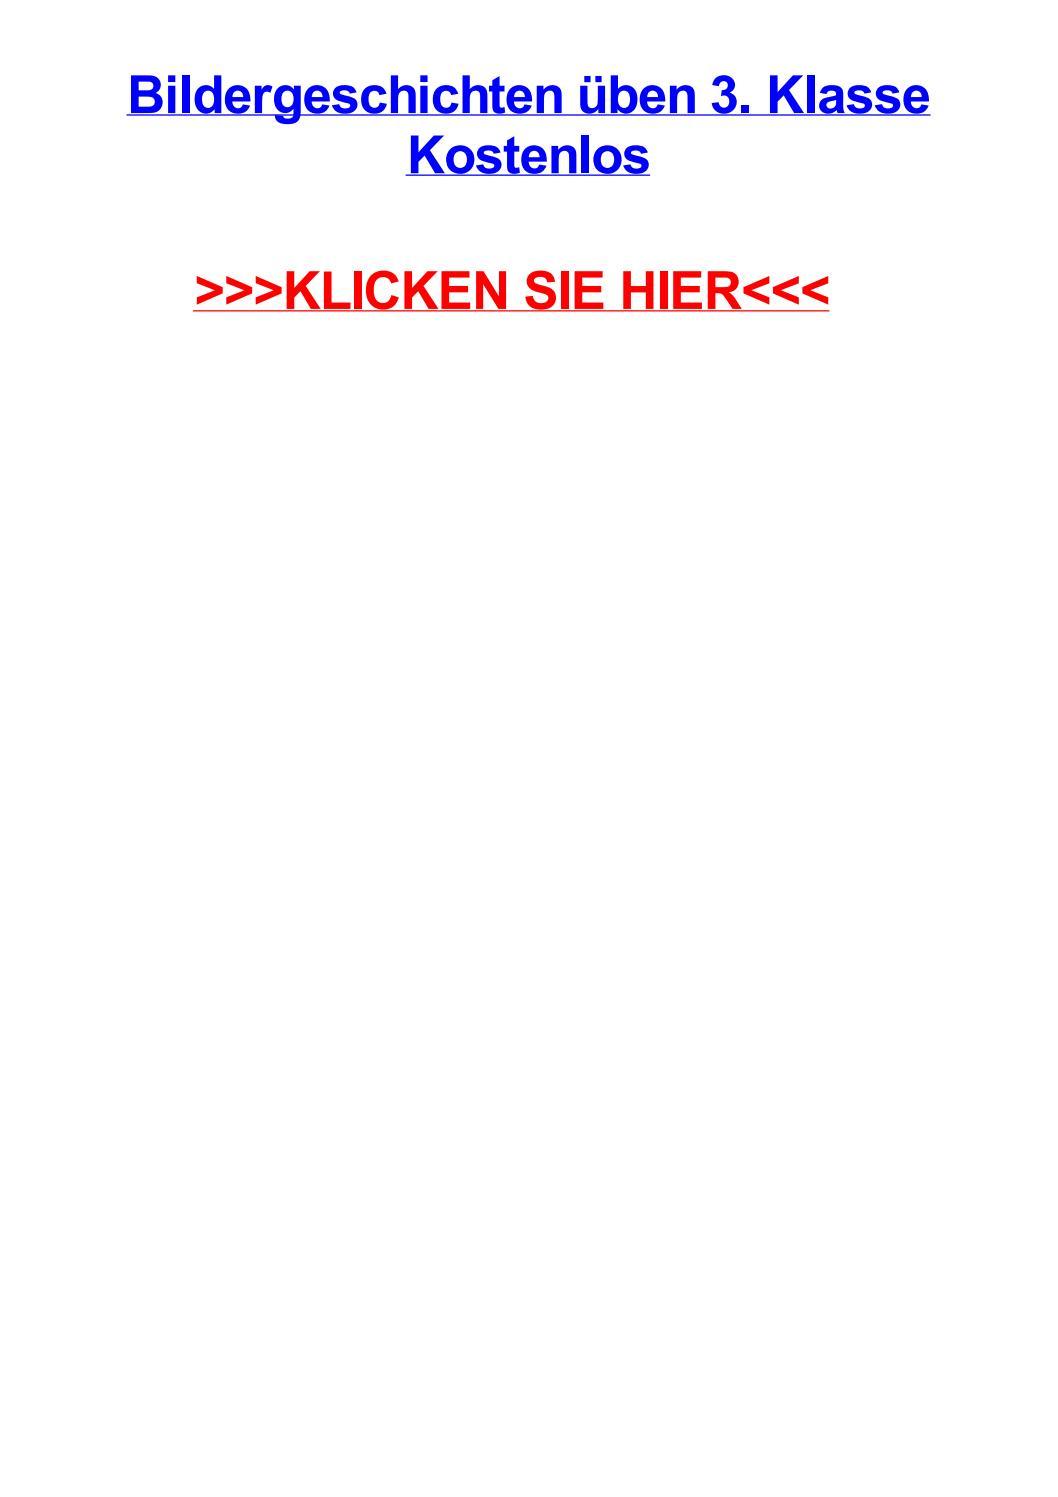 Bildergeschichten jben 3 klasse kostenlos by amandadmwfx - issuu